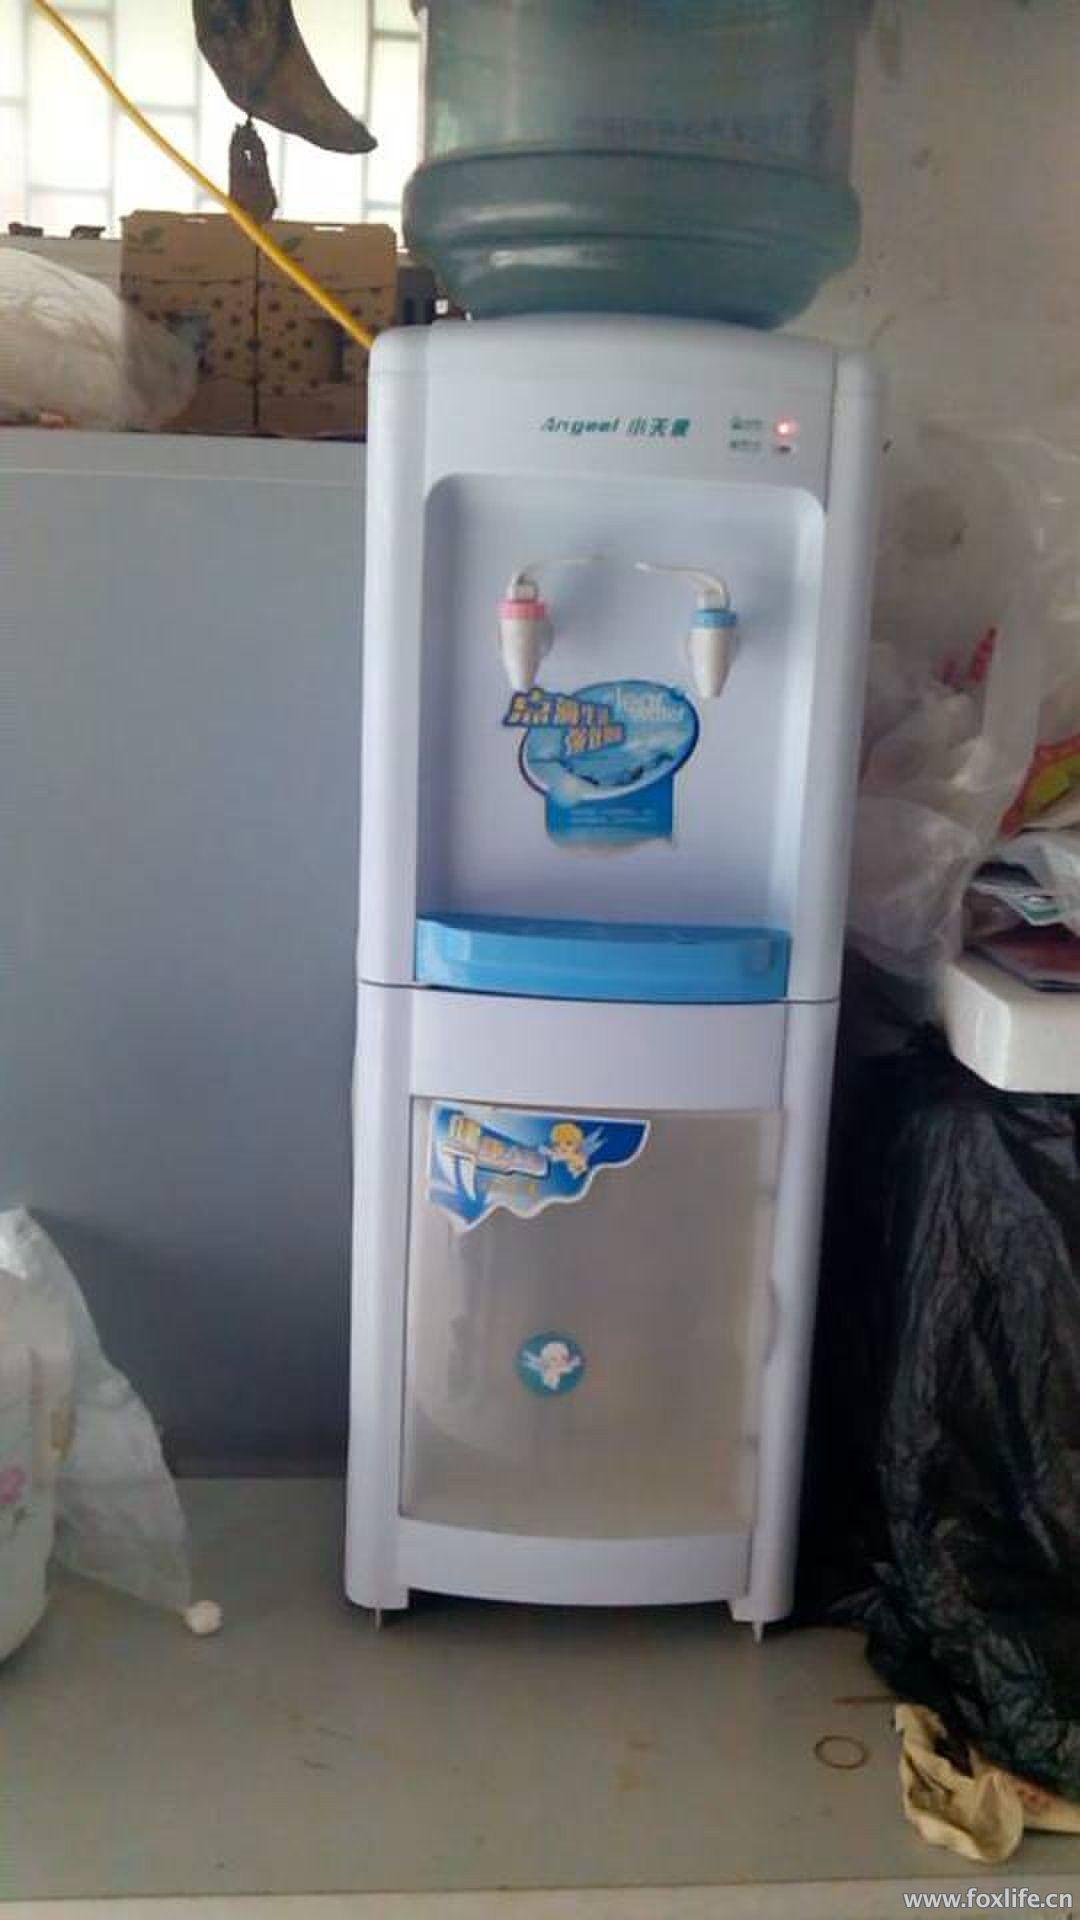 小天使牌可加热制冷饮水机转让